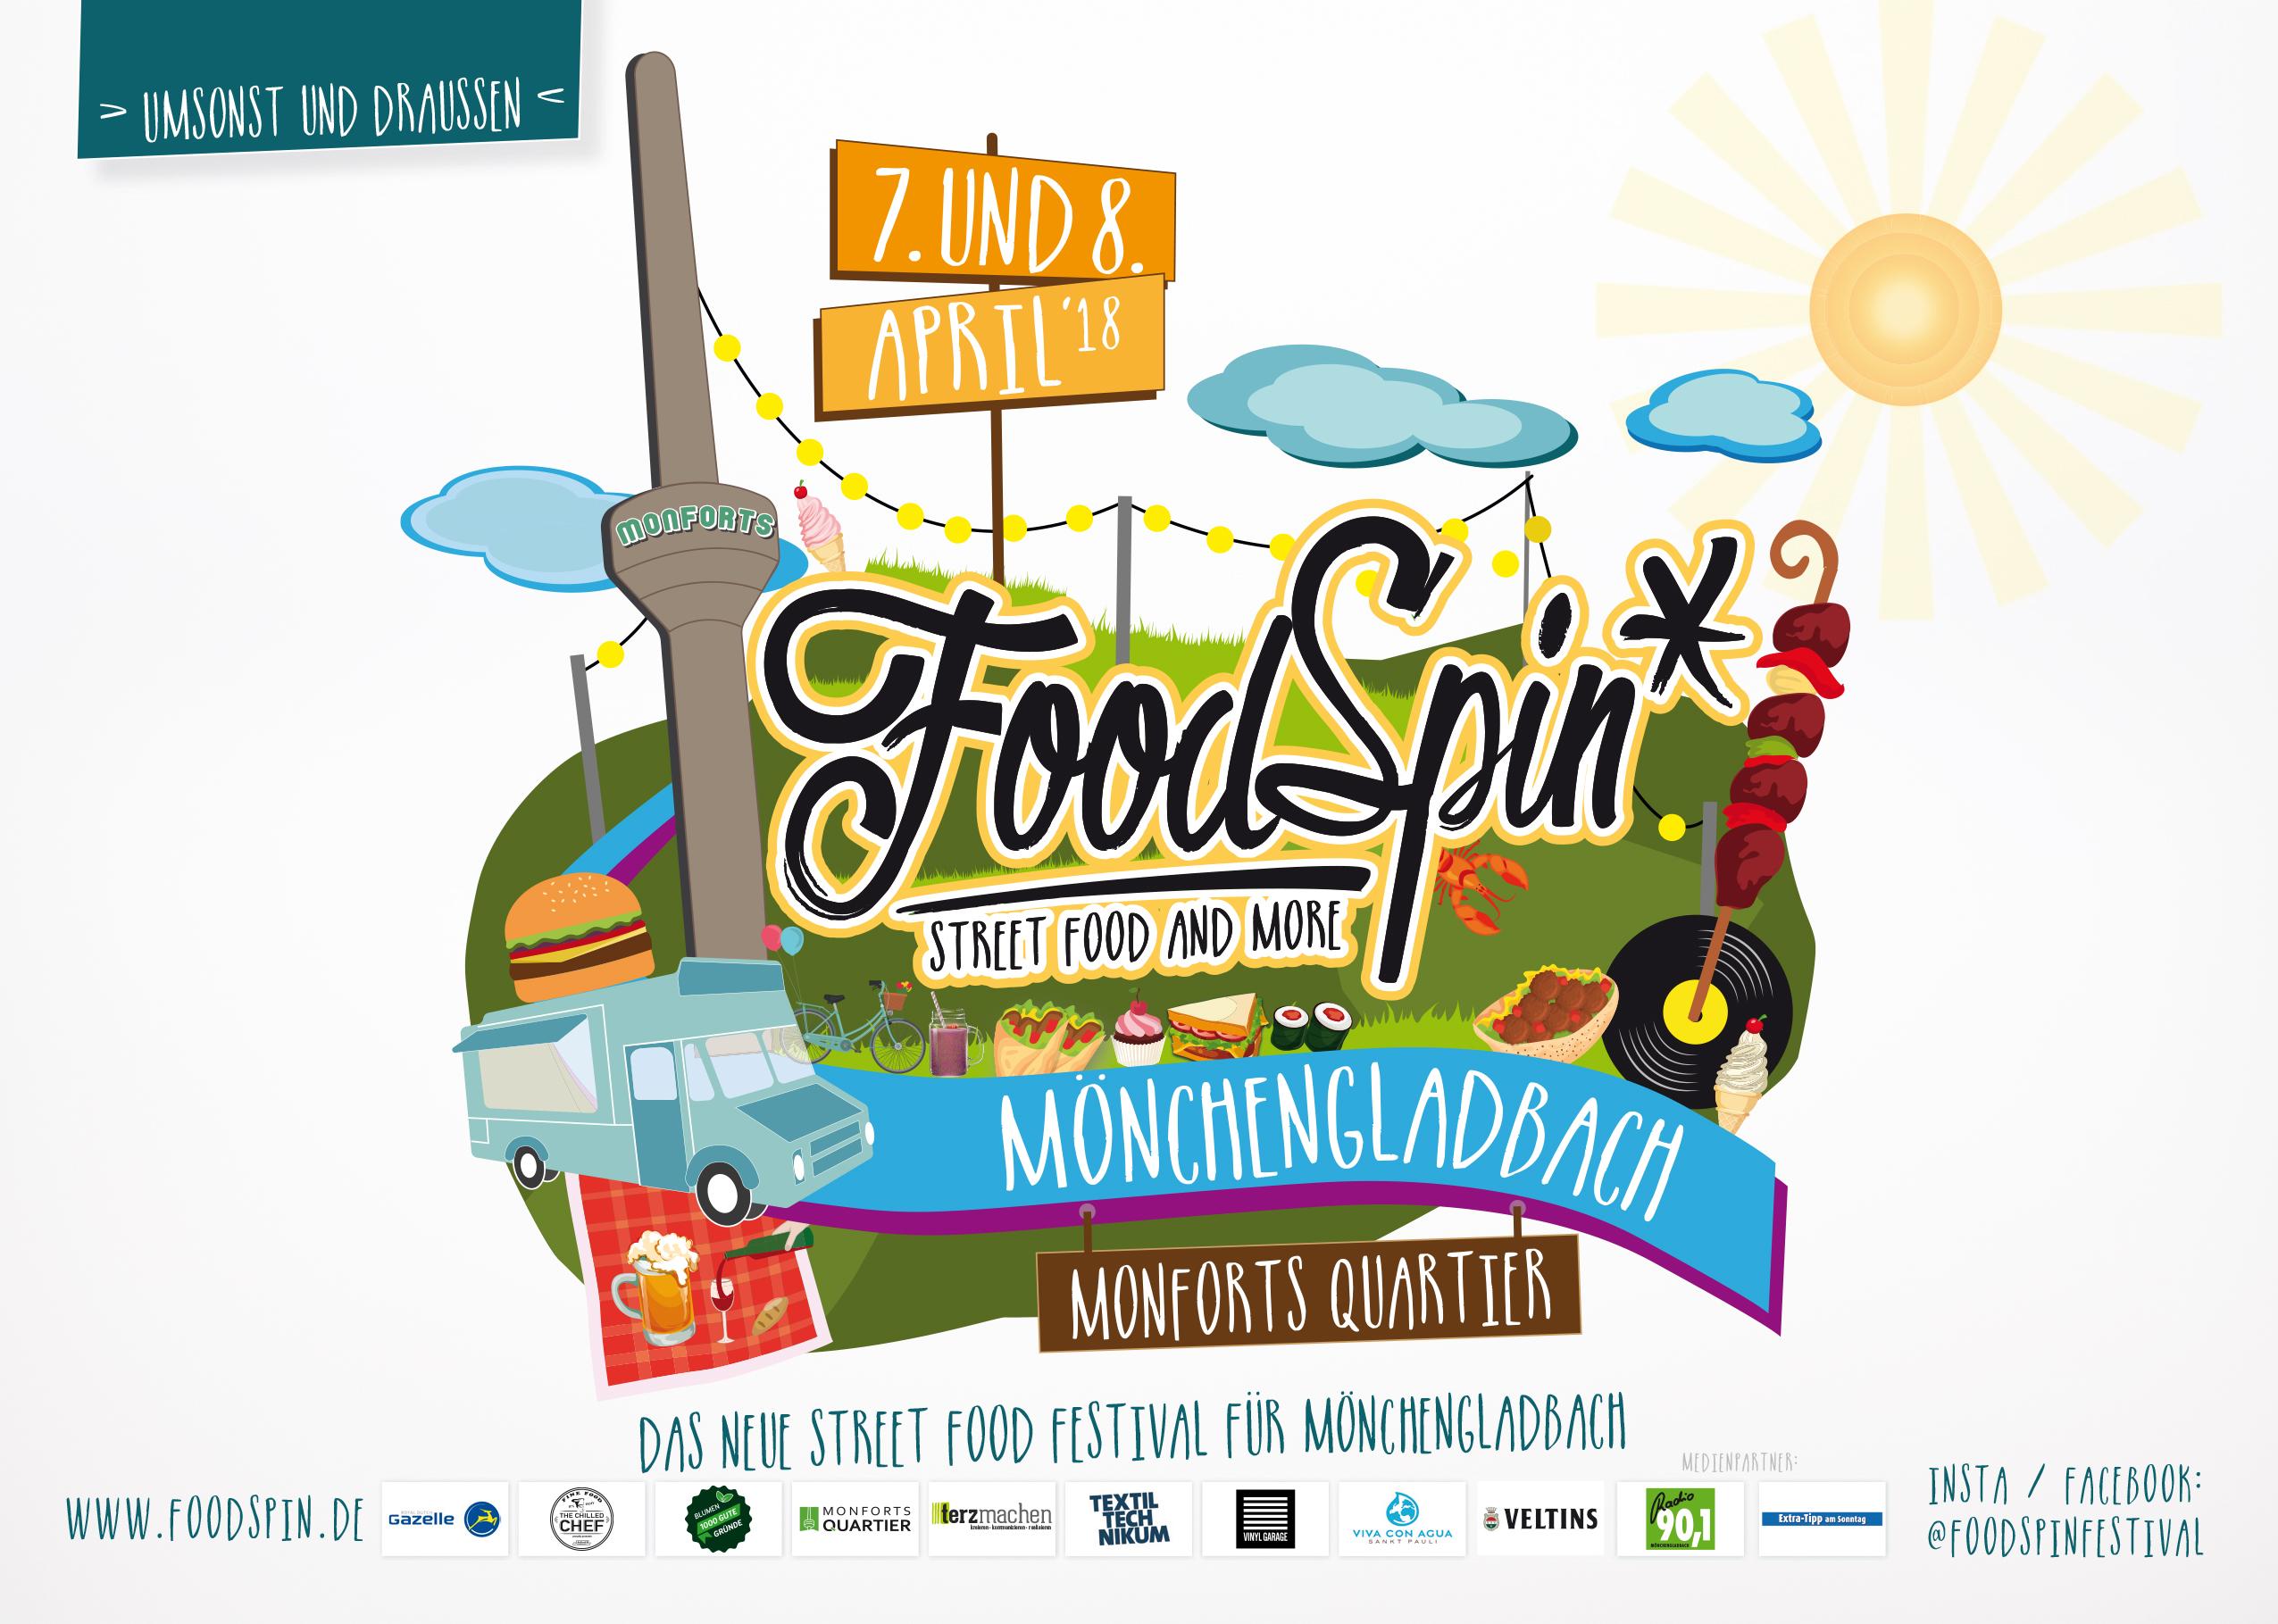 Food Spin 1 Internationales Street Food Festival In Mönchengladbach